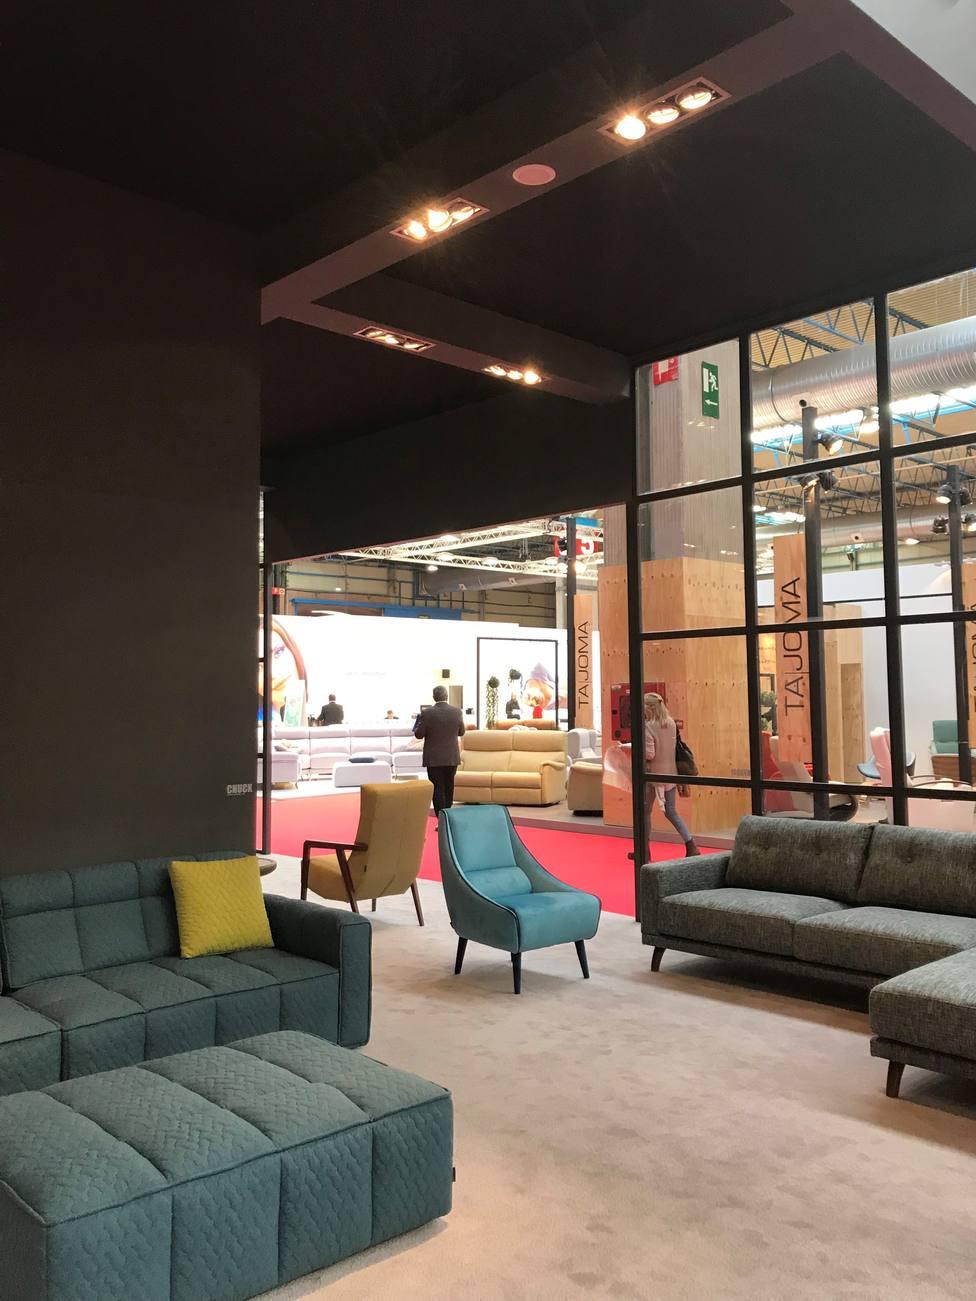 Las ventas minoristas de muebles facturaron 3.060 millones de euros en 2018, un 5,5% más